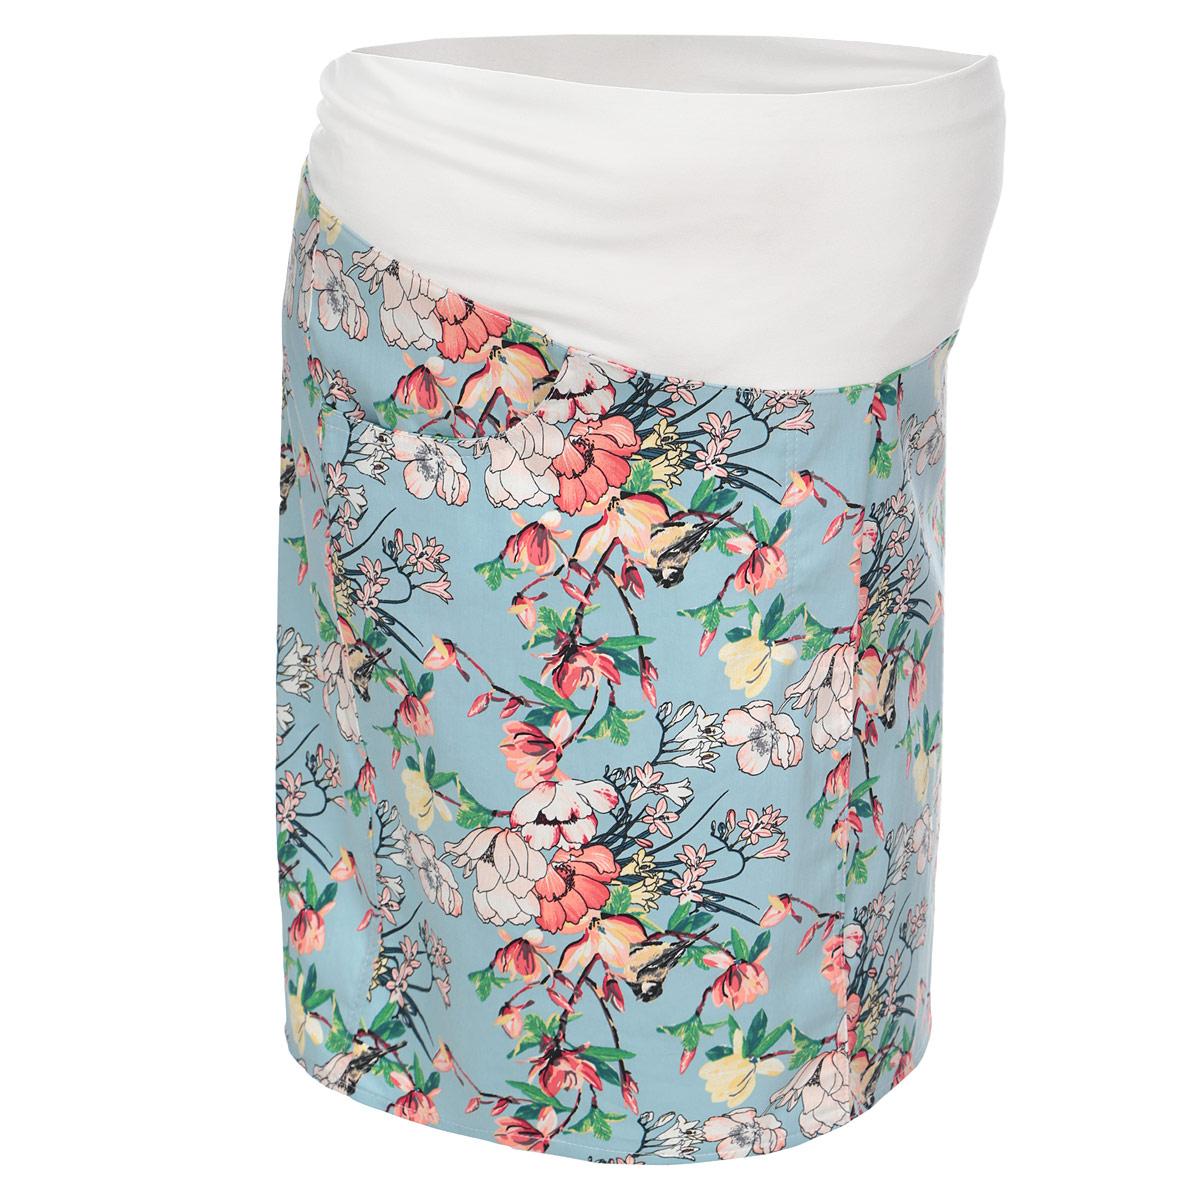 Юбка для беременных Nuova Vita, цвет: голубой, розовый. 6103.2. Размер 426103.2Летняя юбка Nuova Vita для беременных выполнена из качественного хлопкового материала, что позволяет изделию не деформироваться при носке. Модель прямого кроя дополнена бандажом из мягкой ткани с эластичной поддерживающей резинкой, не сдавливающей живот даже на последнем месяце беременности. Модель оформлена цветочным принтом, спереди дополнена двумя втачными карманами, сзади предусмотрена шлица в среднем шве. Стильная и удобная юбка займет достойное место в гардеробе молодой мамы.